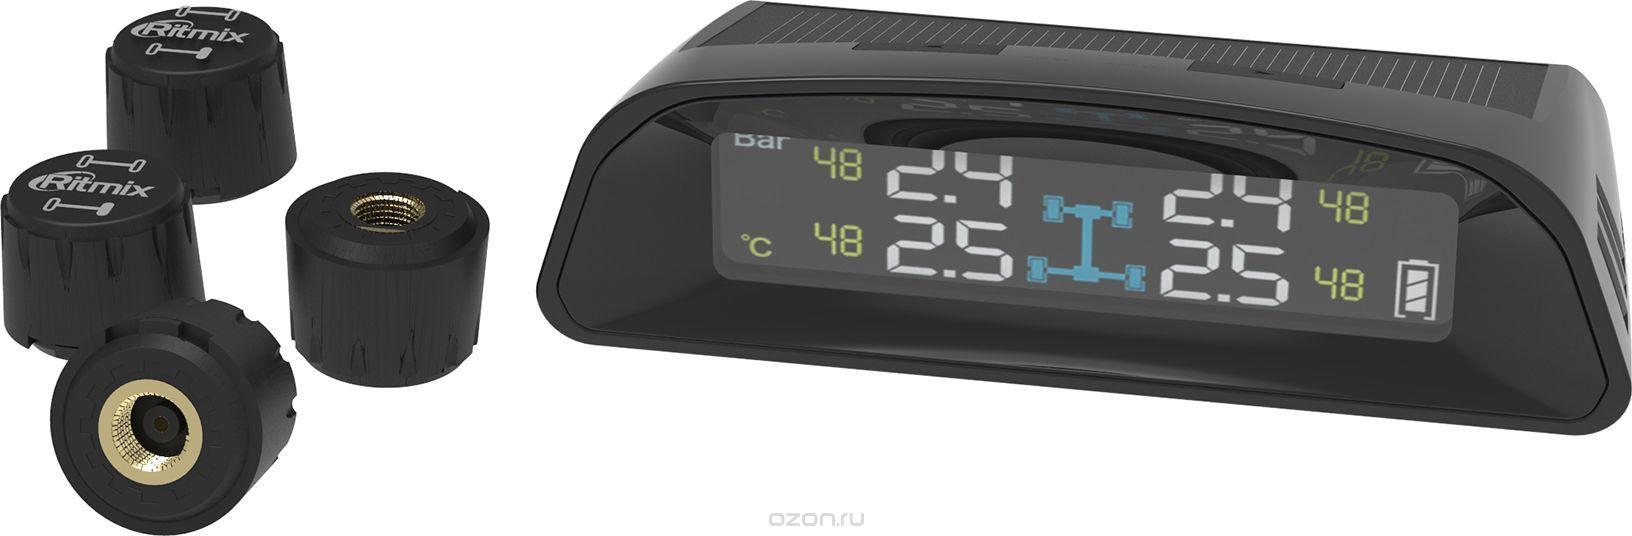 Датчик контроля давления в шинах Ritmix RTM-400 система контроля давления в шинах ritmix rtm 501